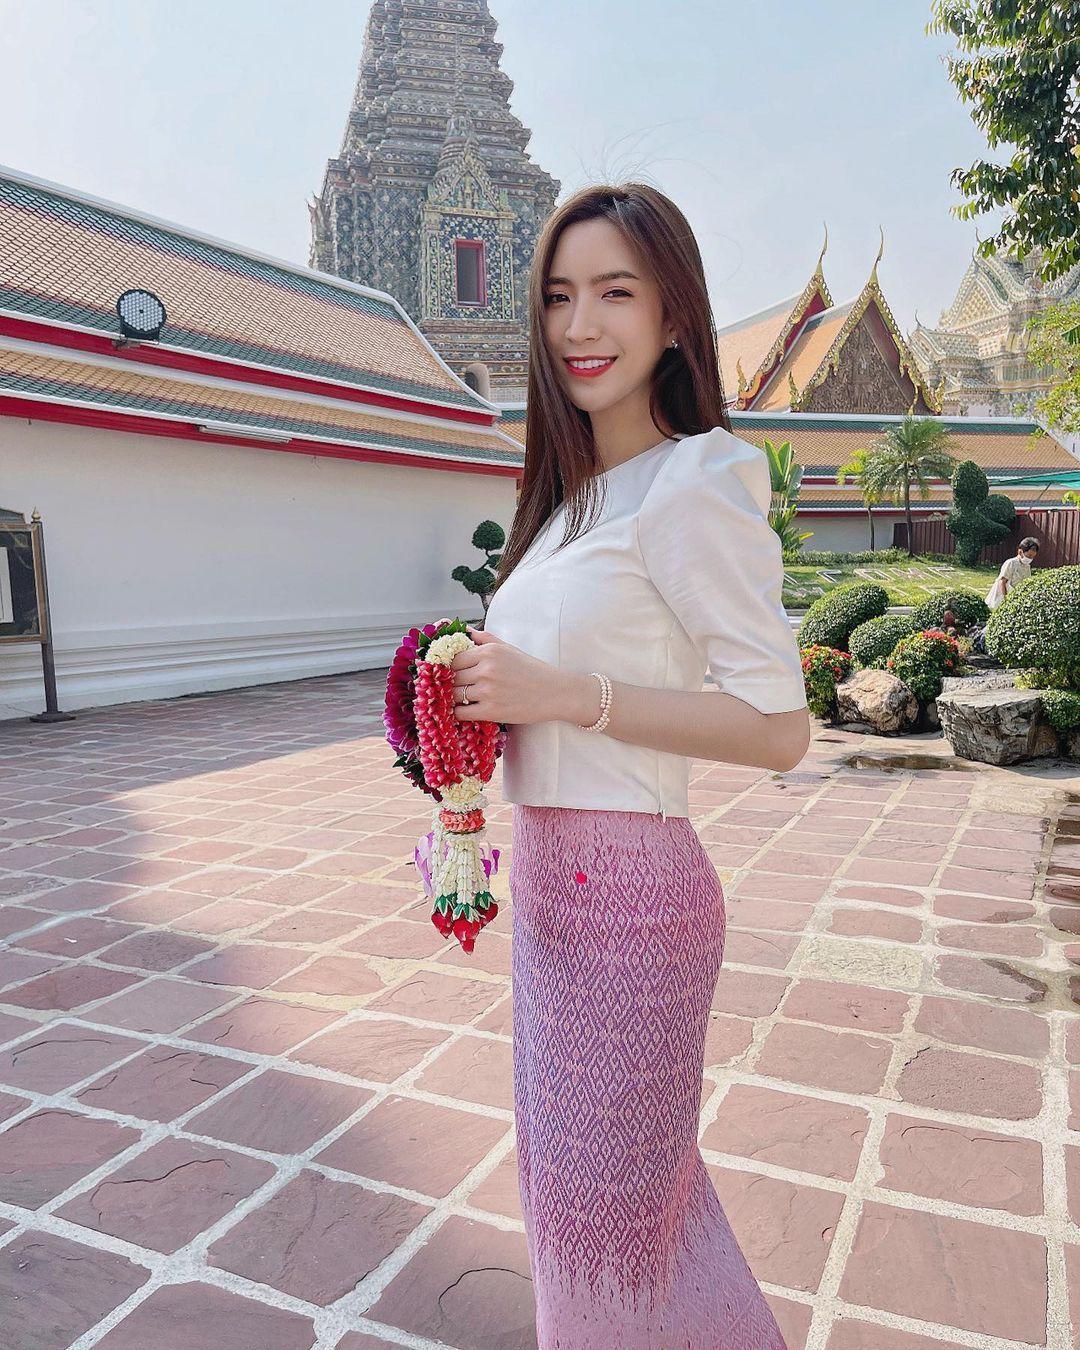 泰国正妹「Jarinporn Boonrit」,娶到她爱情面包也可兼得!-新图包